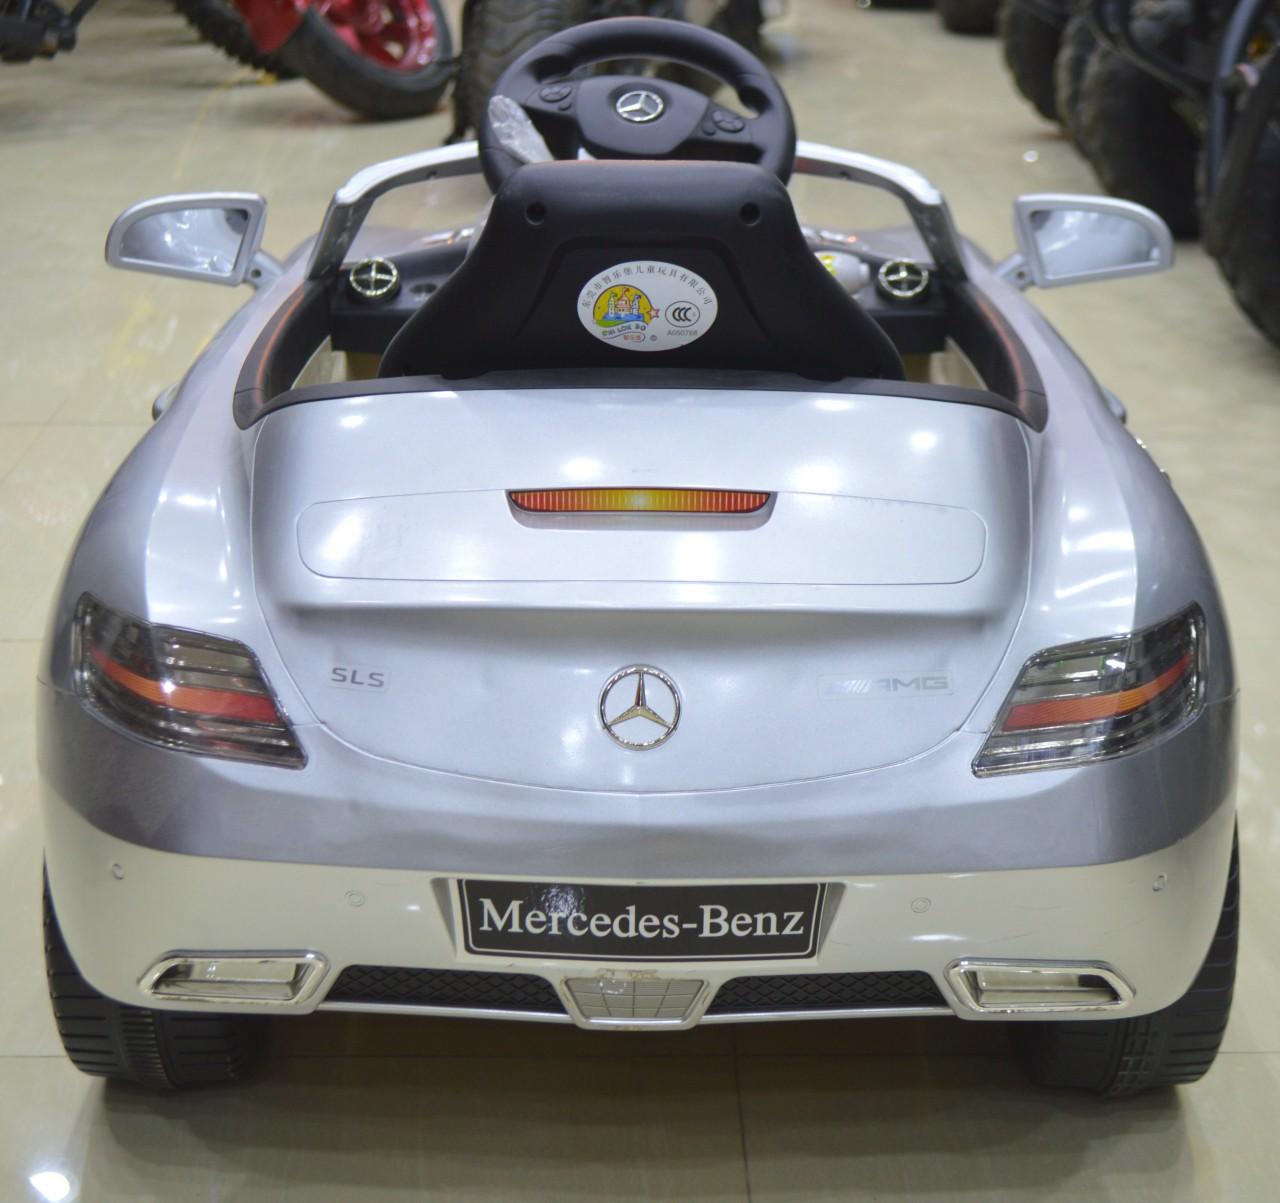 kids electric smart car mercedes benz model no 681 price. Black Bedroom Furniture Sets. Home Design Ideas